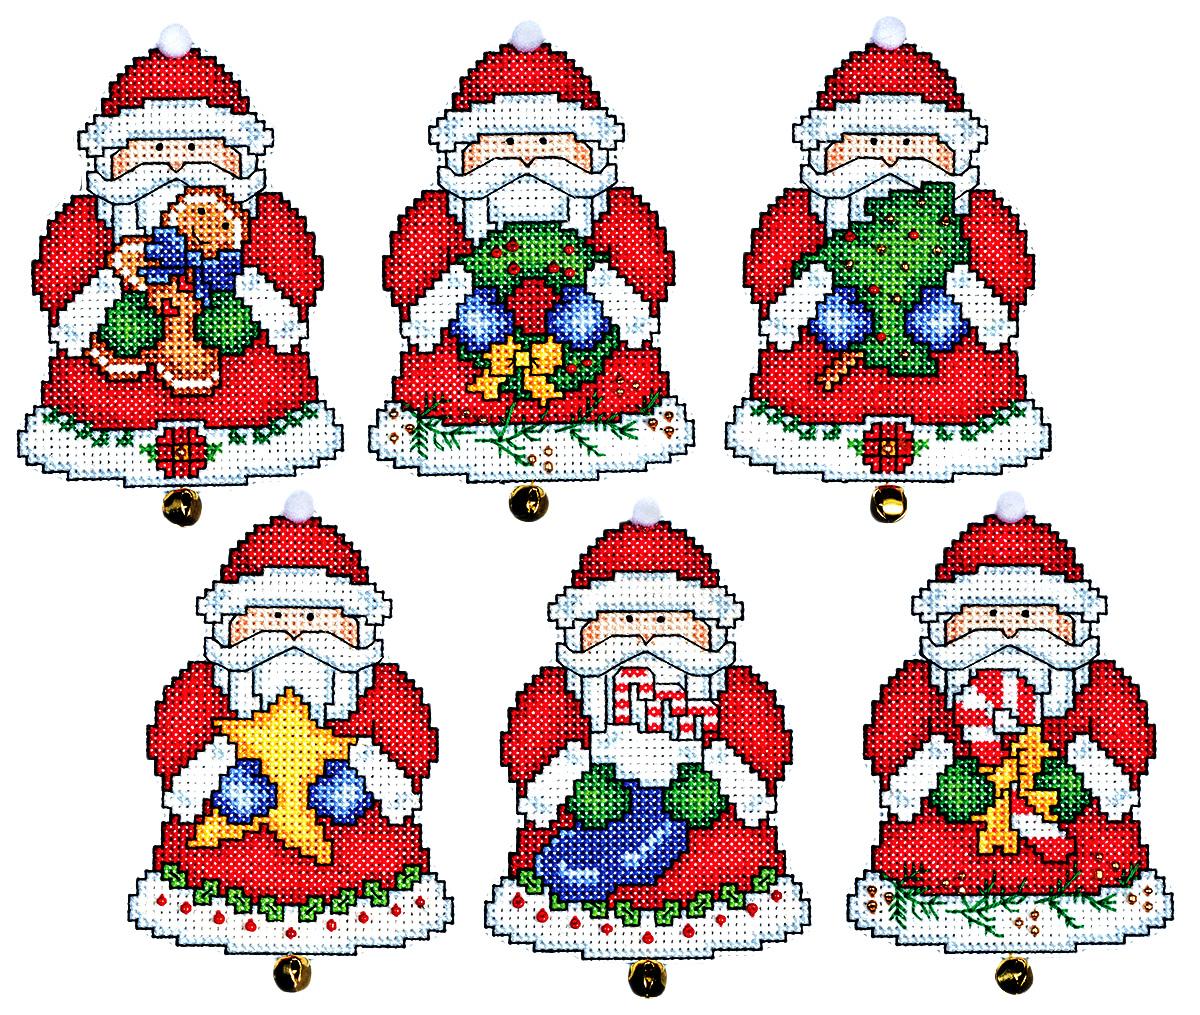 Набор для вышивания игрушки Design Works Подарки Санты, 7 х 9 см, 6 шт1693Для 6 игрушек: канва пластиковая 14, нитки мулине (100% хлопок), игла, инструкция на русском языке.